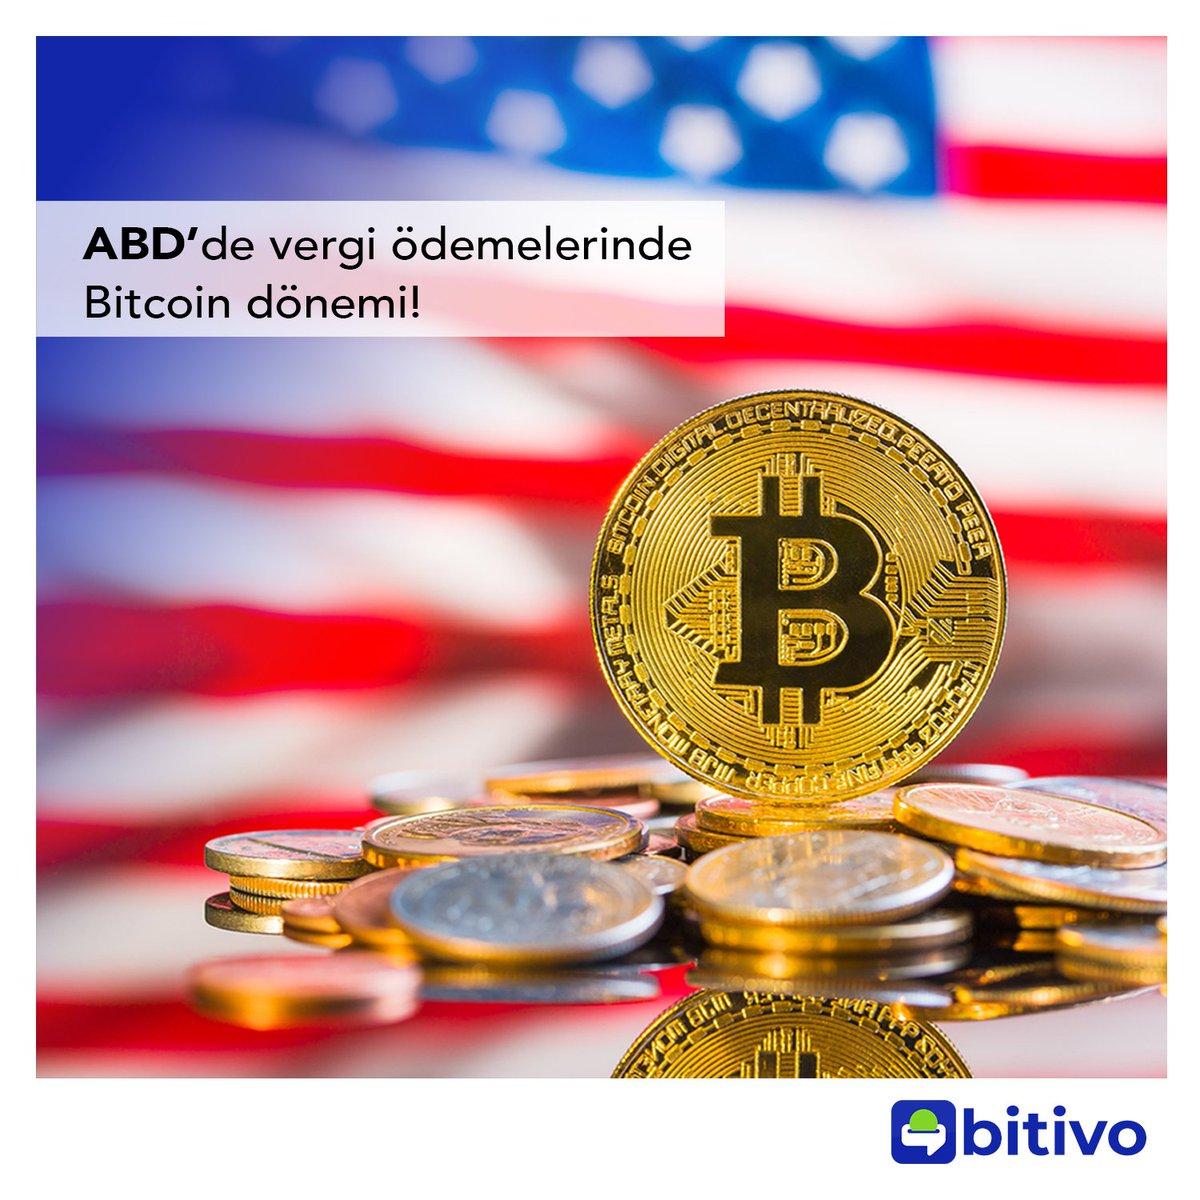 ABDnin Ohio Eyaleti Vergi Demelerinde Bitcoini BTC Kabul Eden Ilk ABD Olacak Detaylar Bitivo BitivoBlog Bitcoin Haber